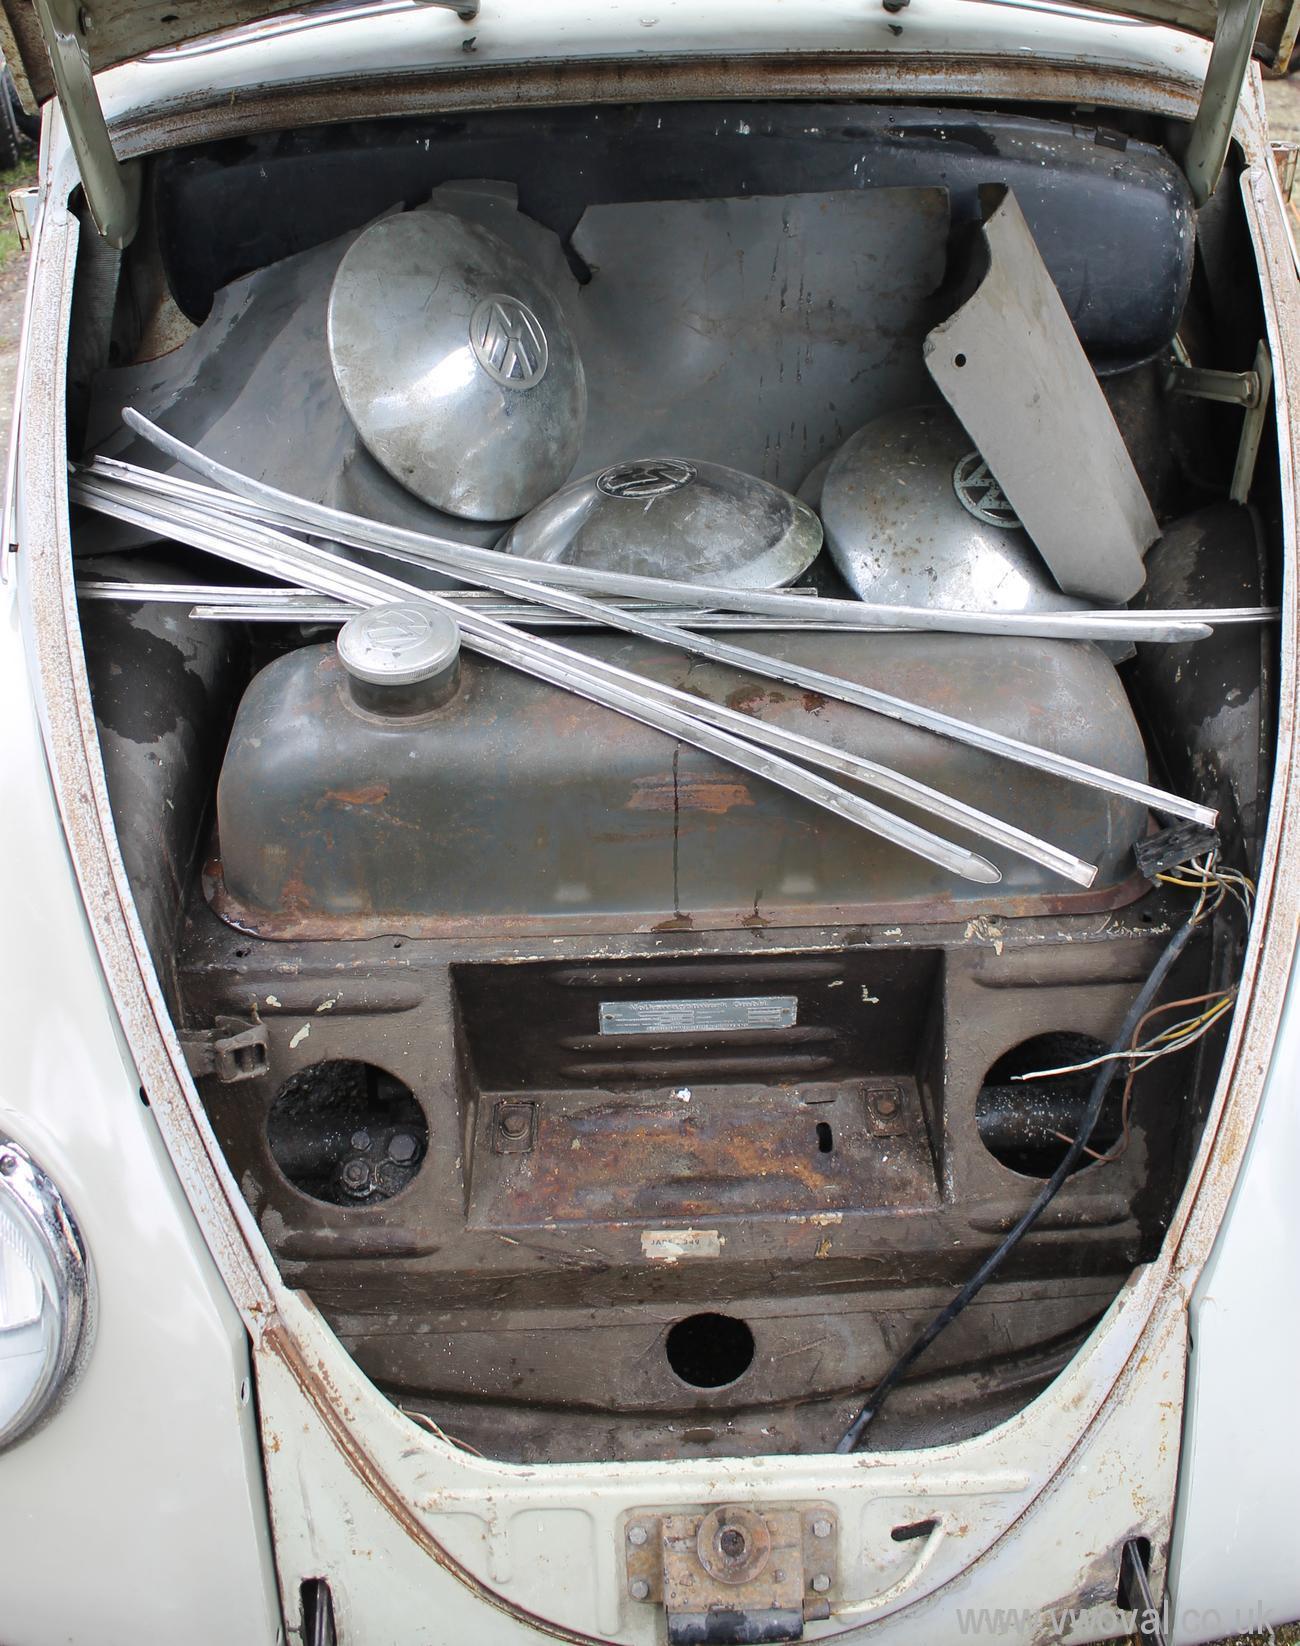 wwwvwovalcouk volkswagen oval beetle rebuild